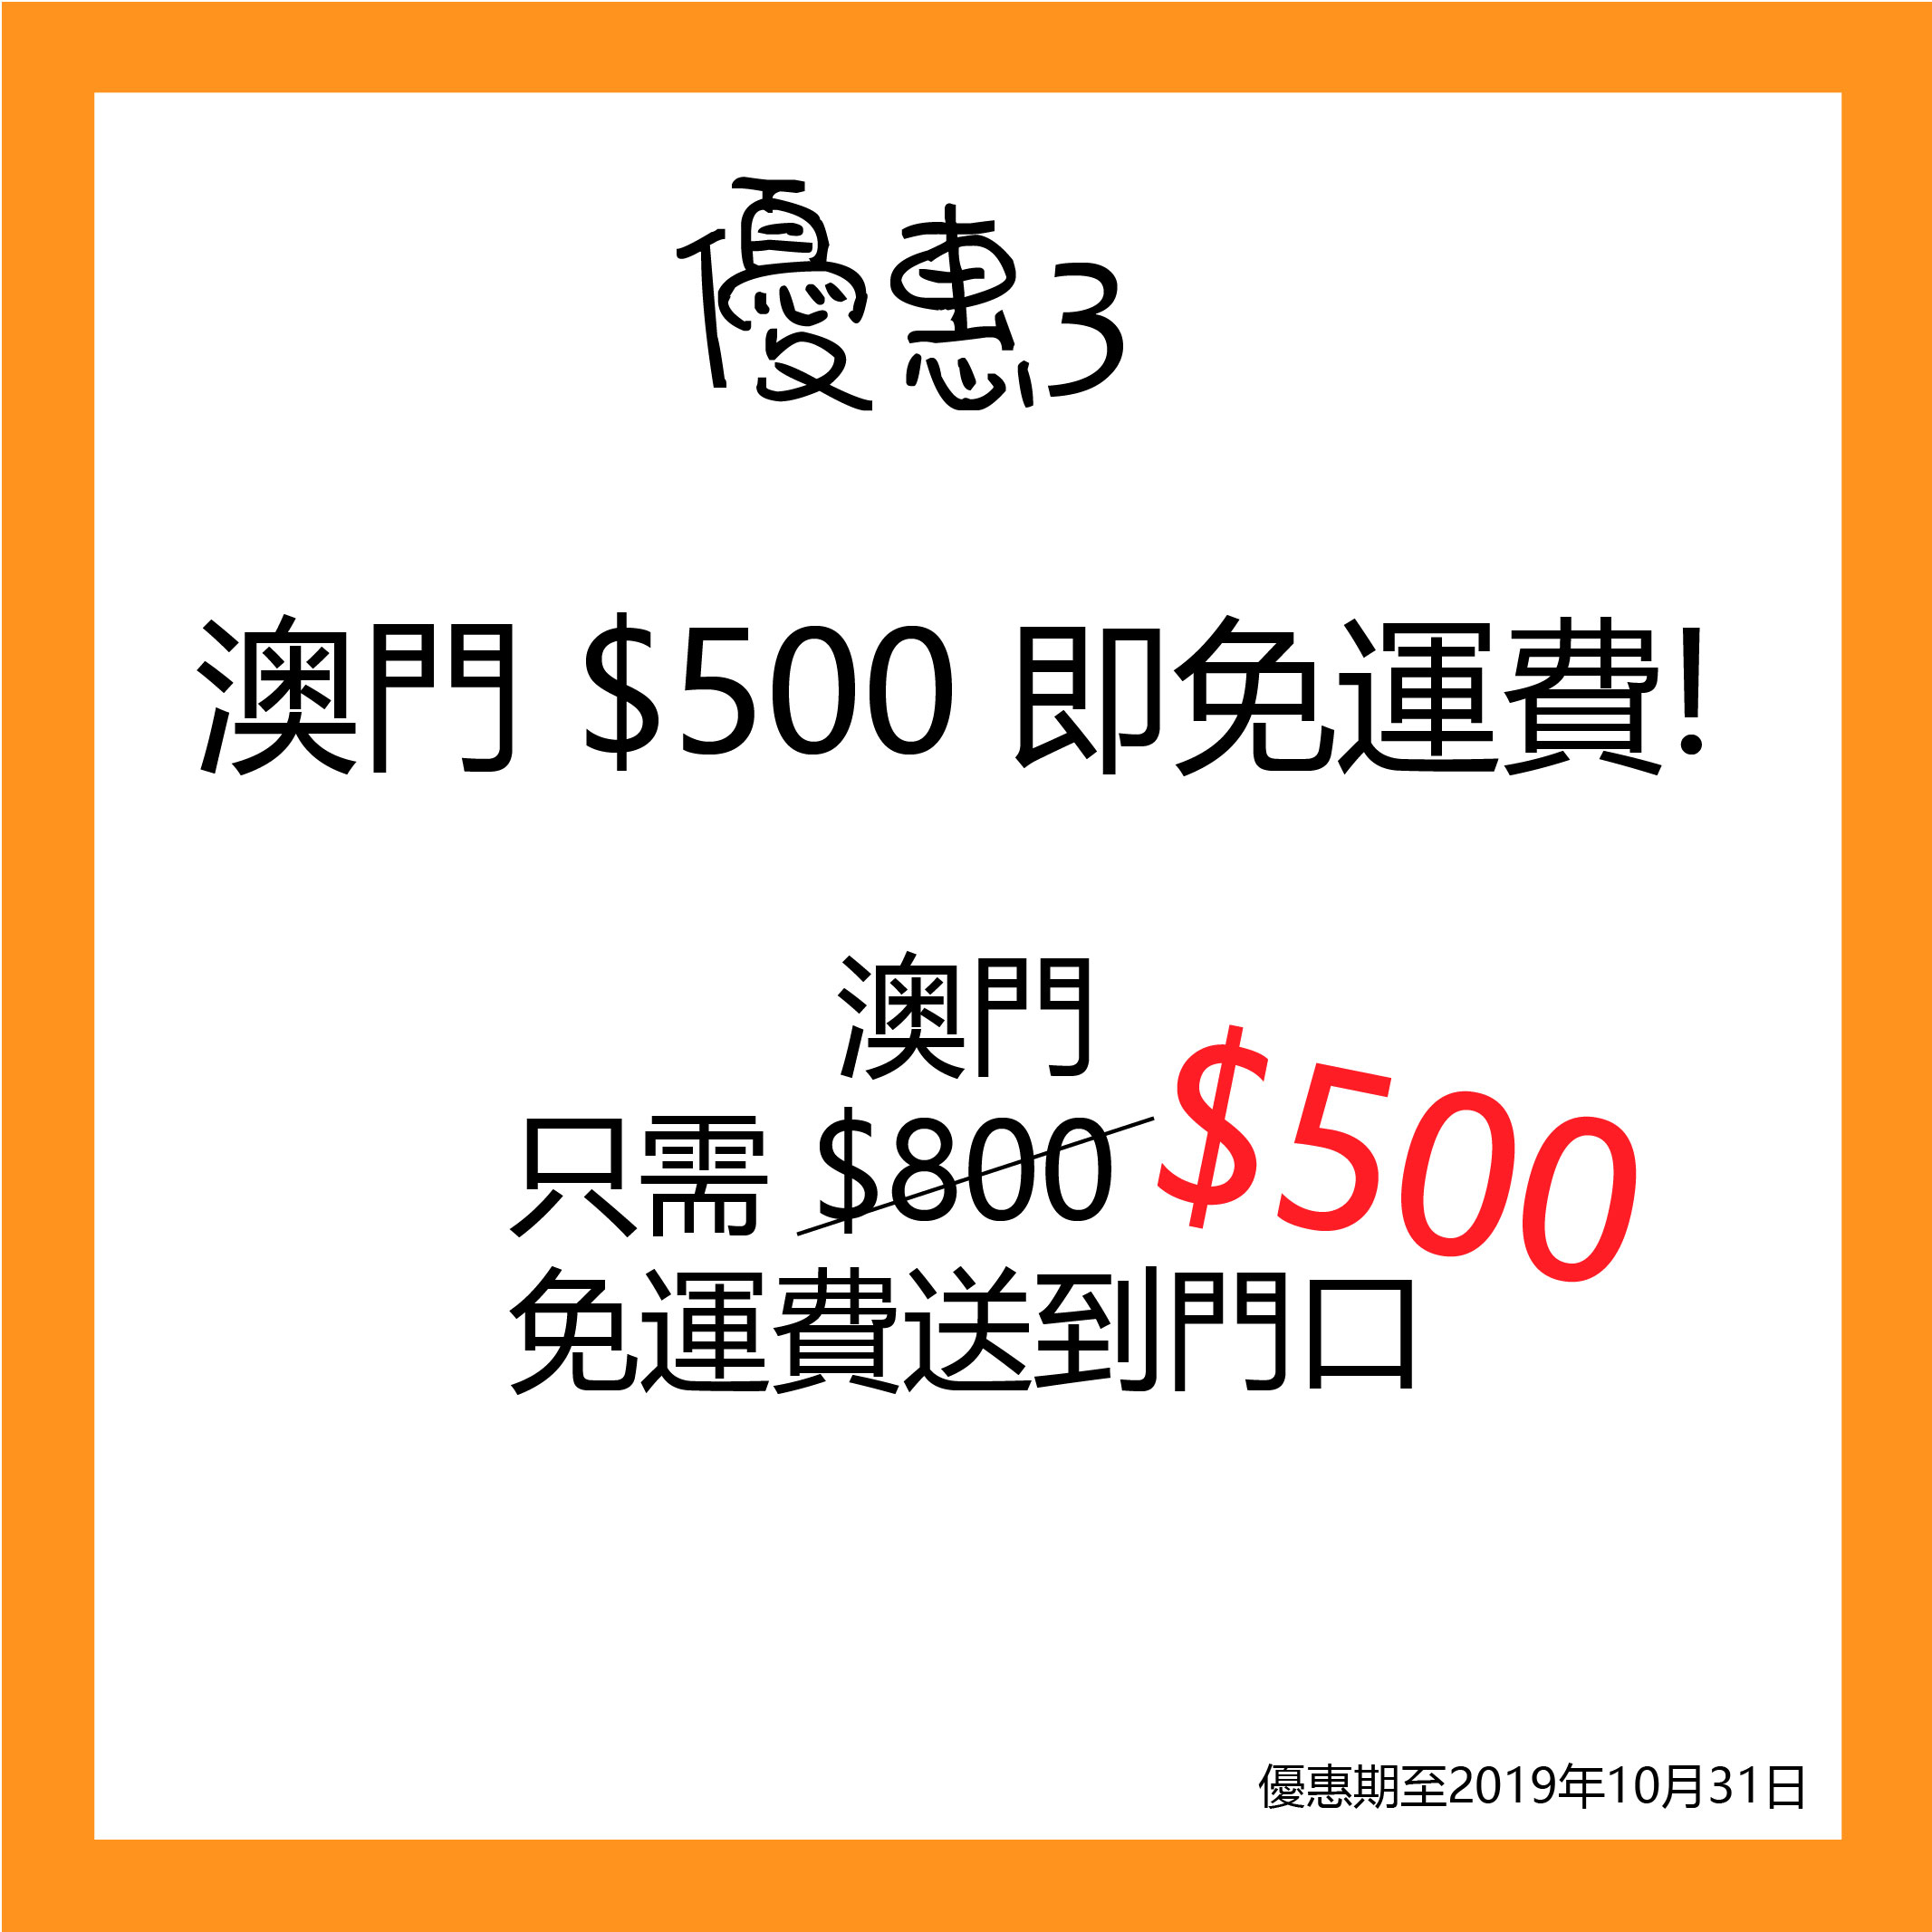 訂購貨品滿 $500 即可享免運費送到門口!